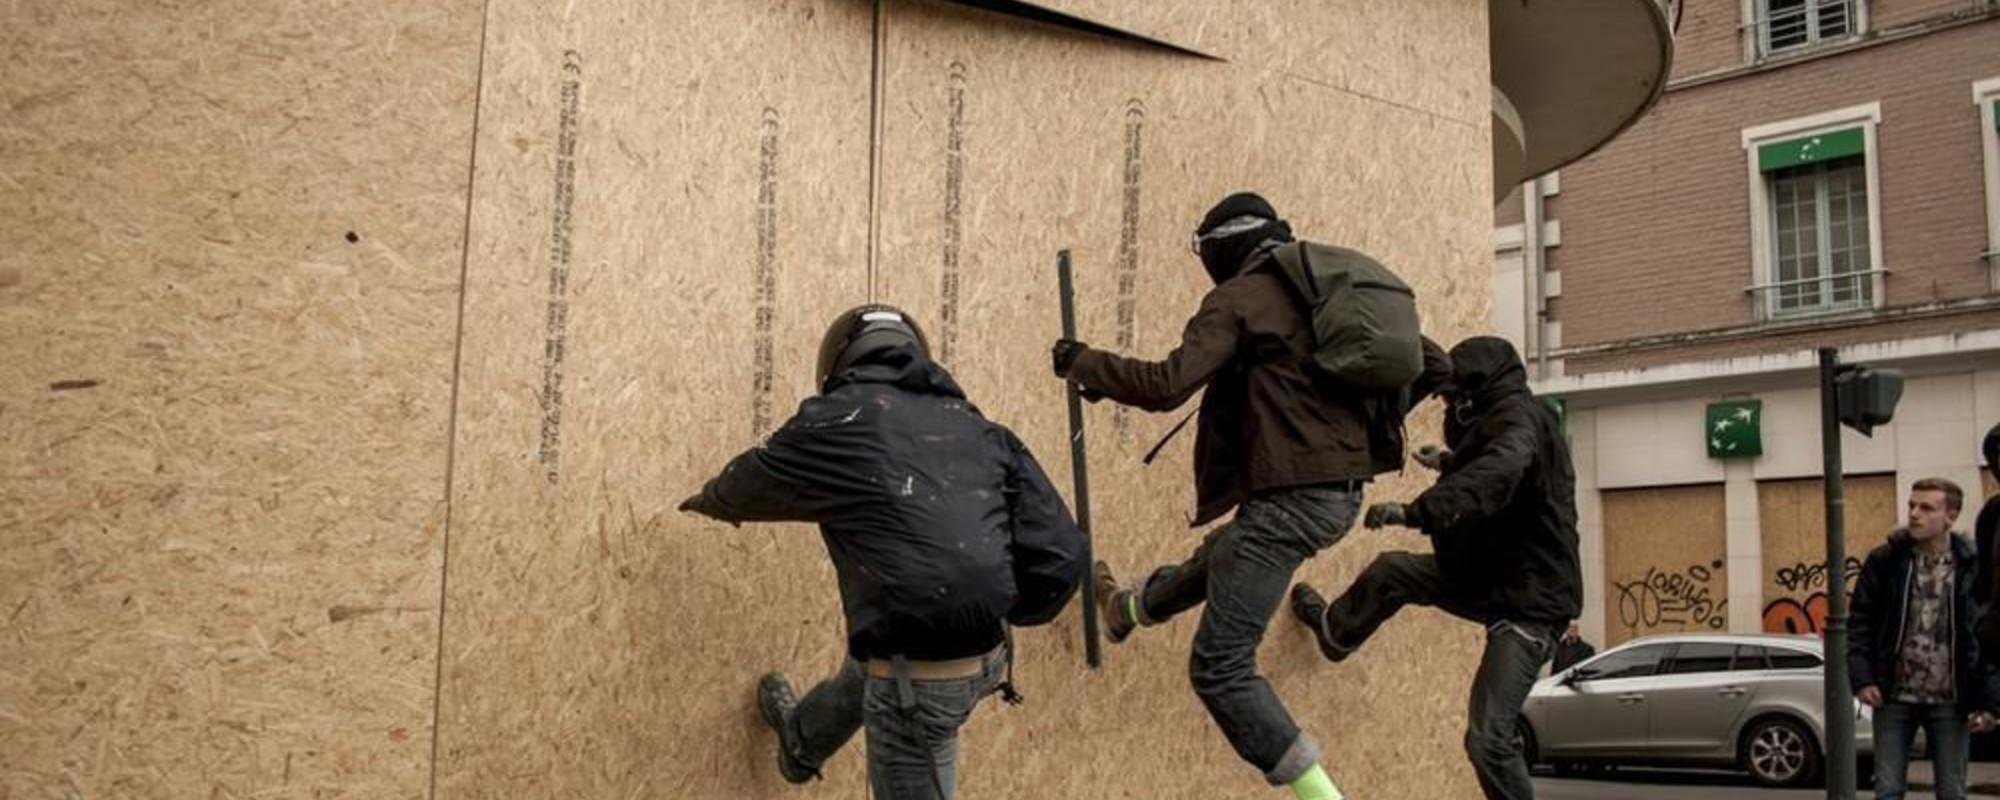 Cât de frică le e băncilor din Franța de protestatari